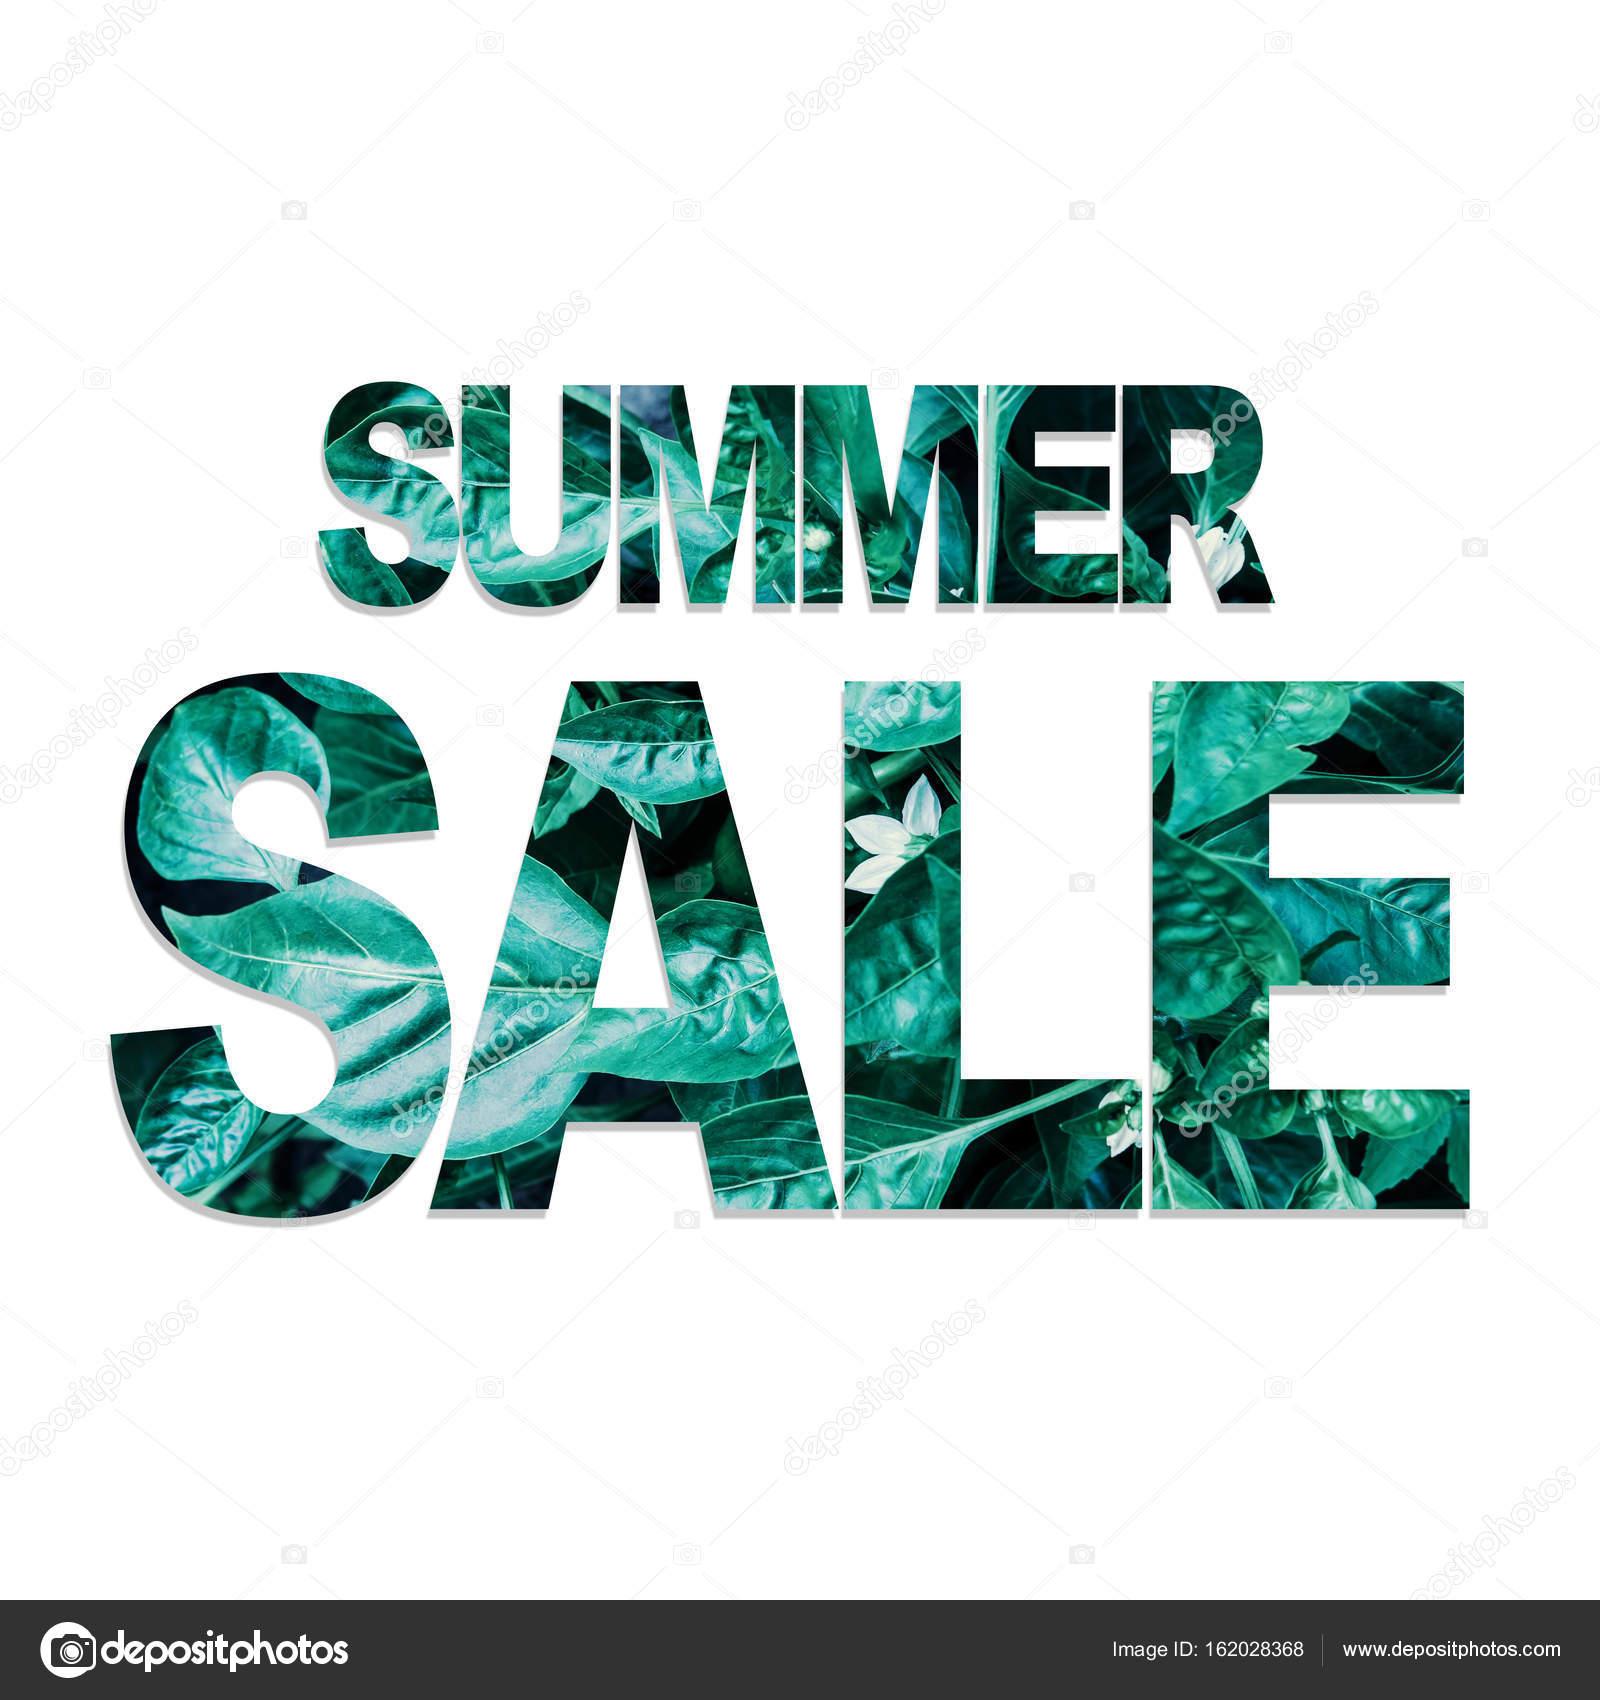 夏セール ポスター テンプレートと葉のパターン ストック写真 julypi